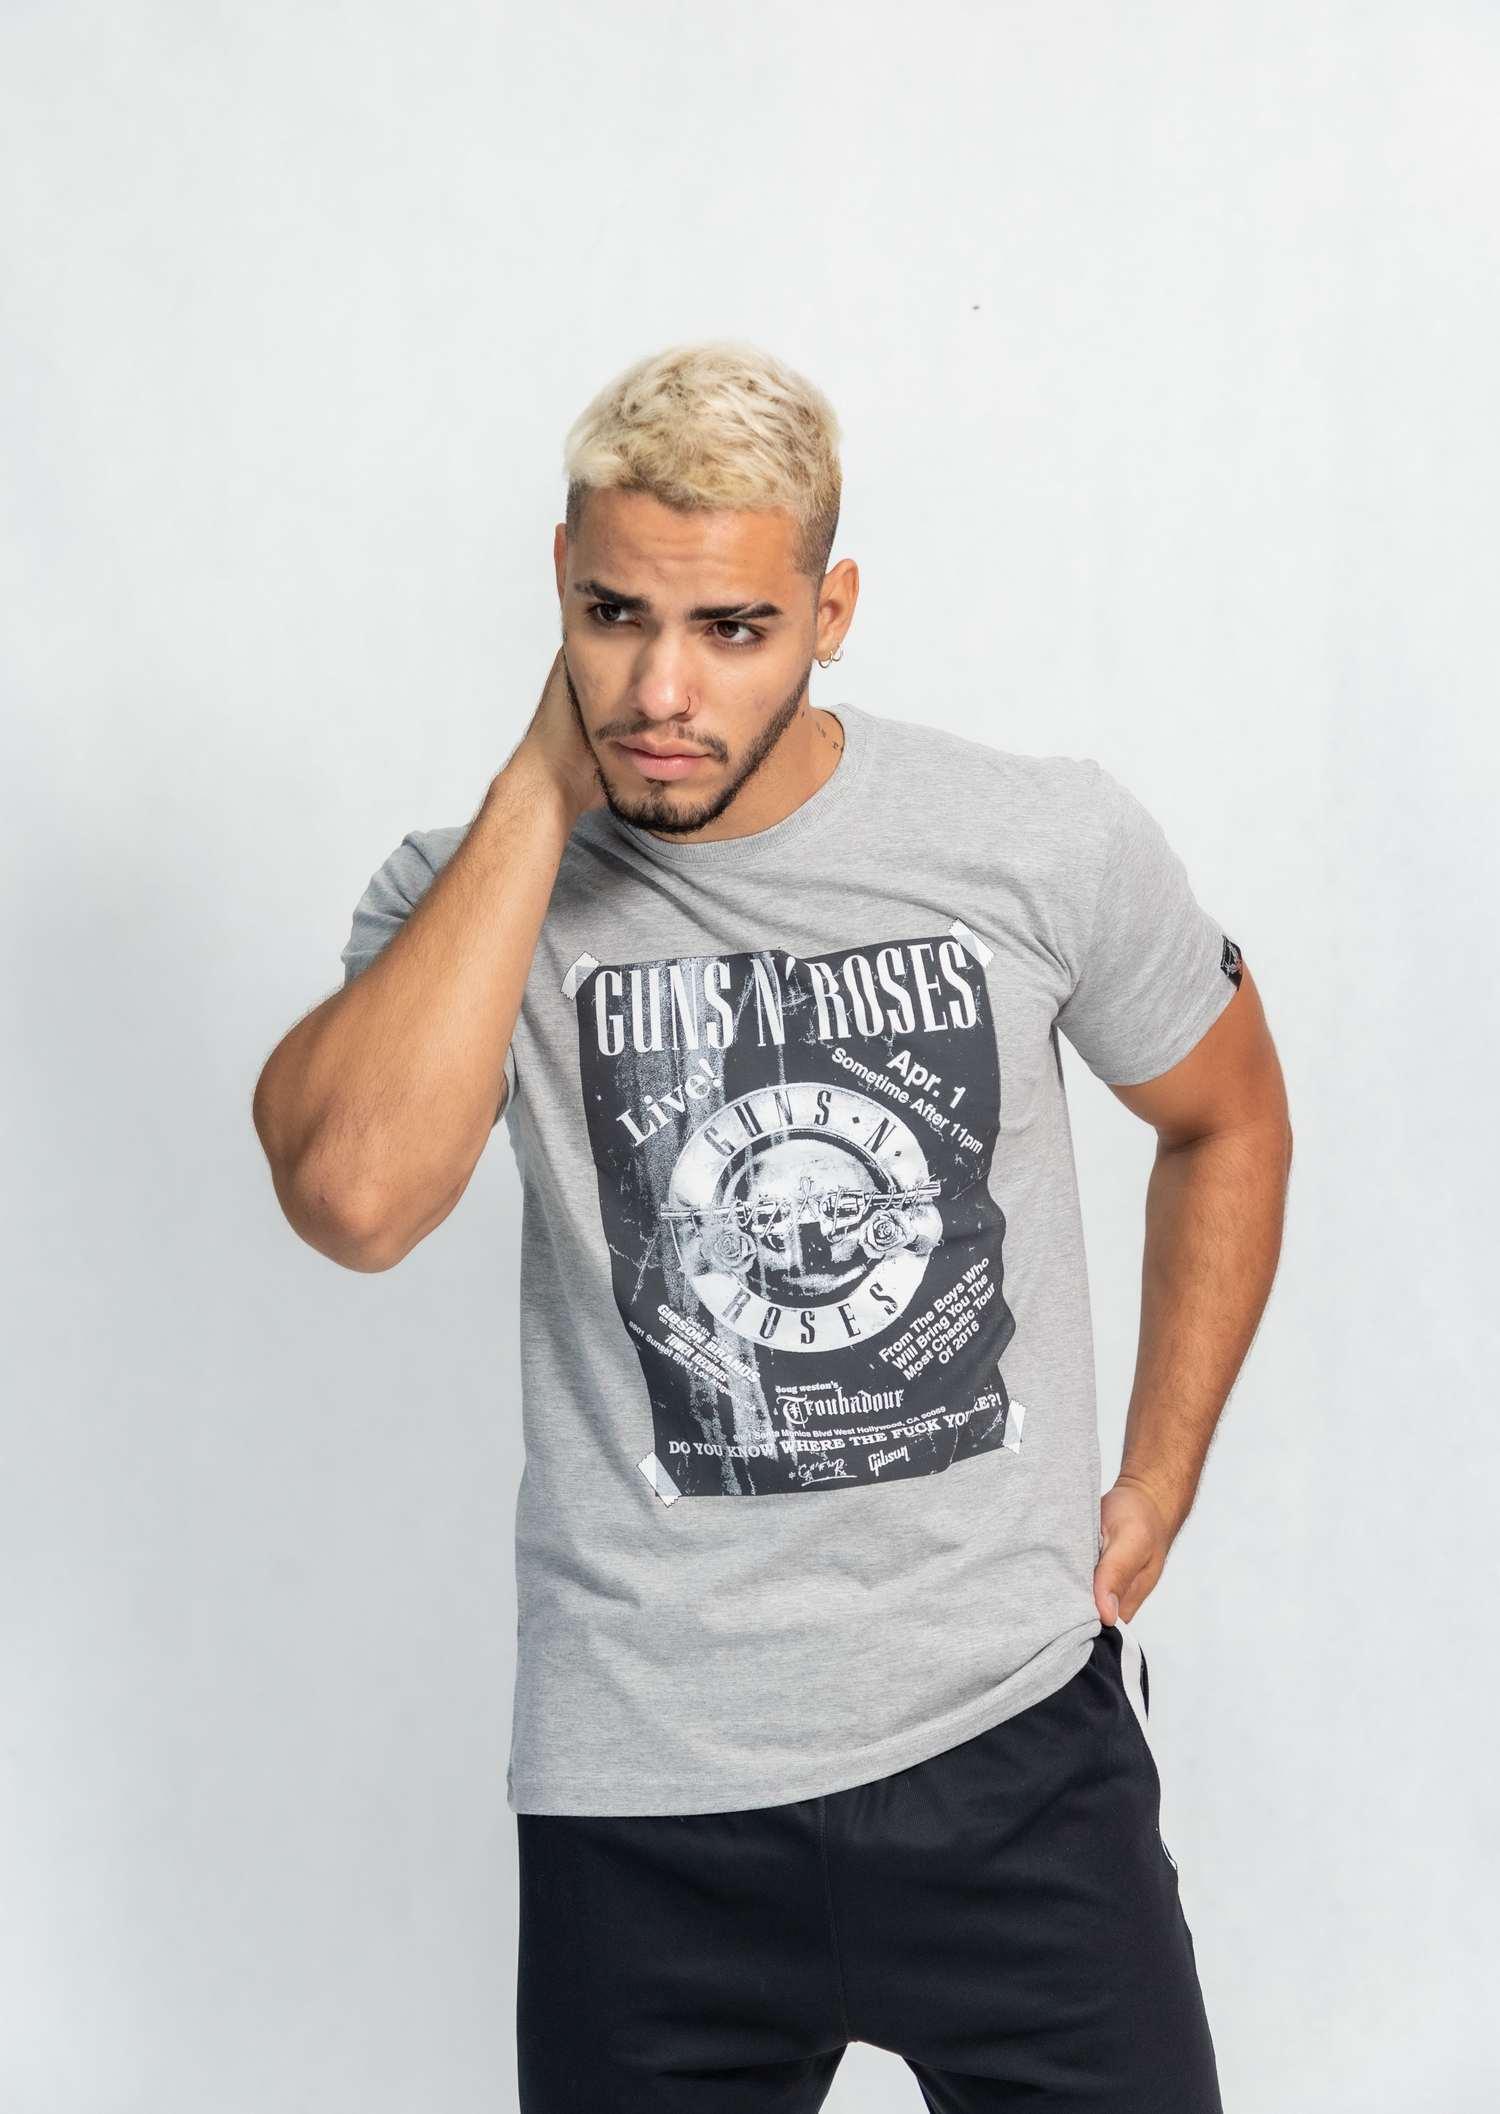 Camiseta masculina estampa Poster Guns'n Roses